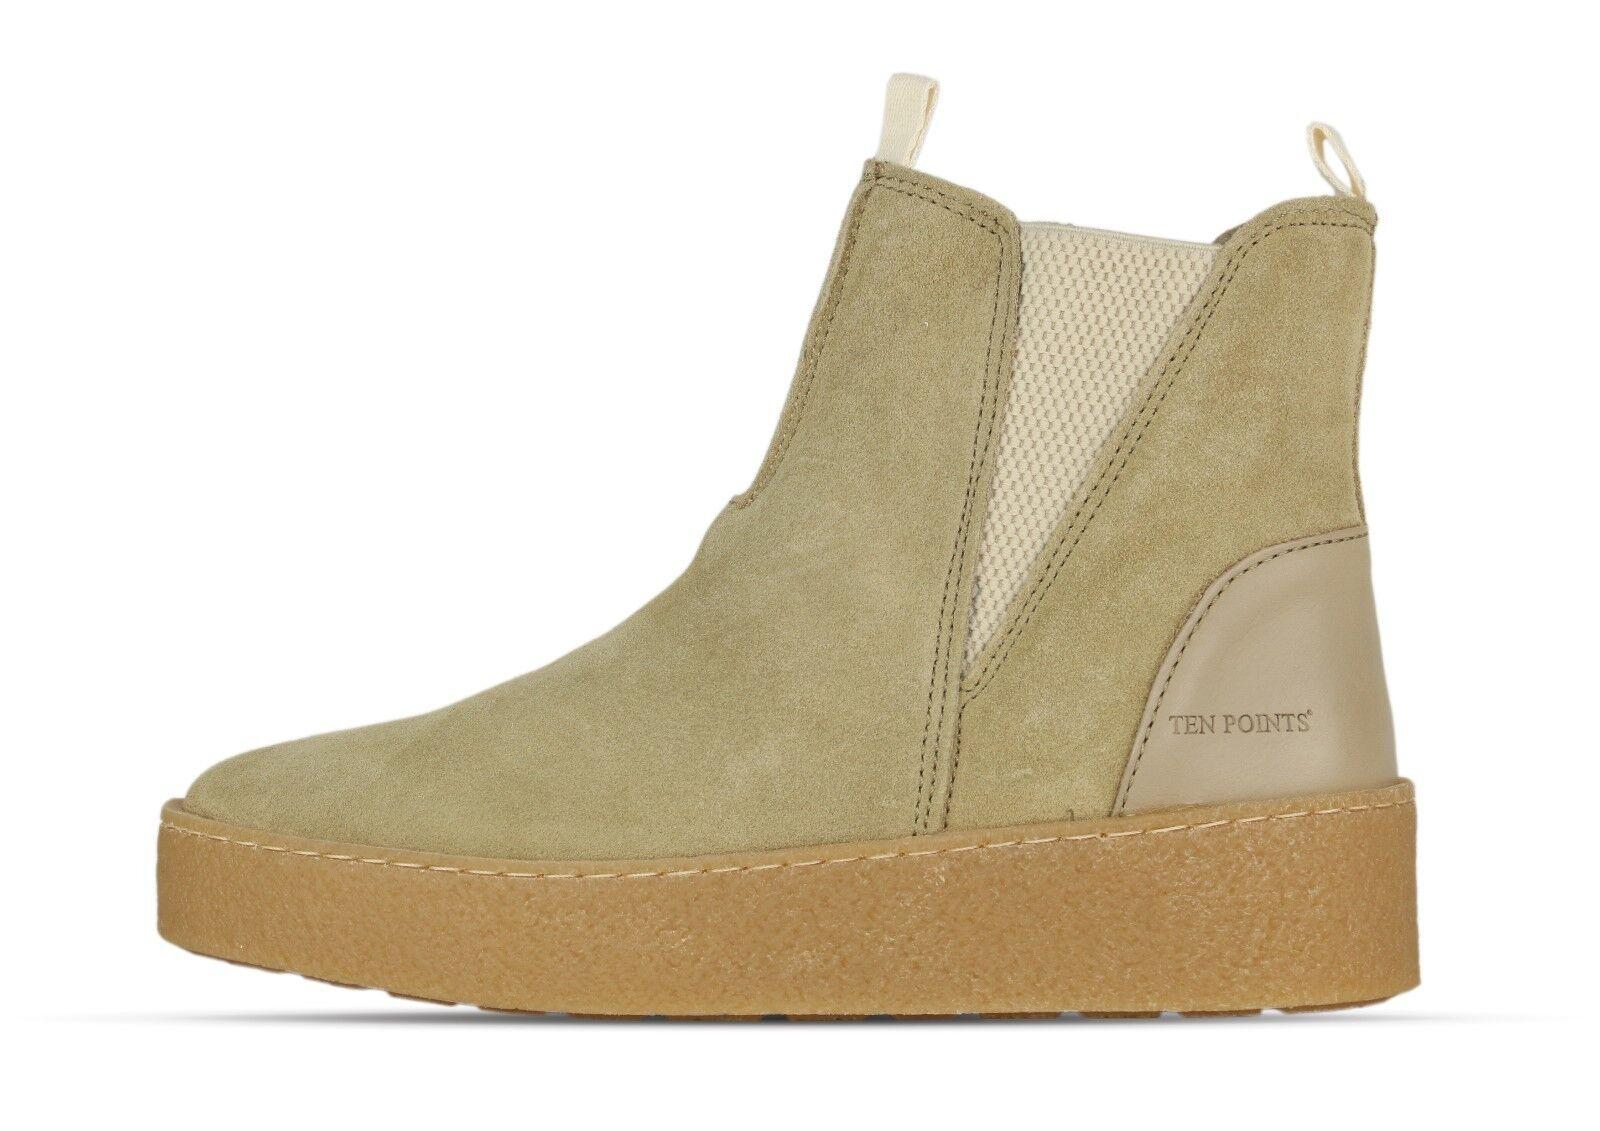 Ten Ten Ten points johanna 264020 Arena 406-mujer-botas-beige + new +  Nuevos productos de artículos novedosos.